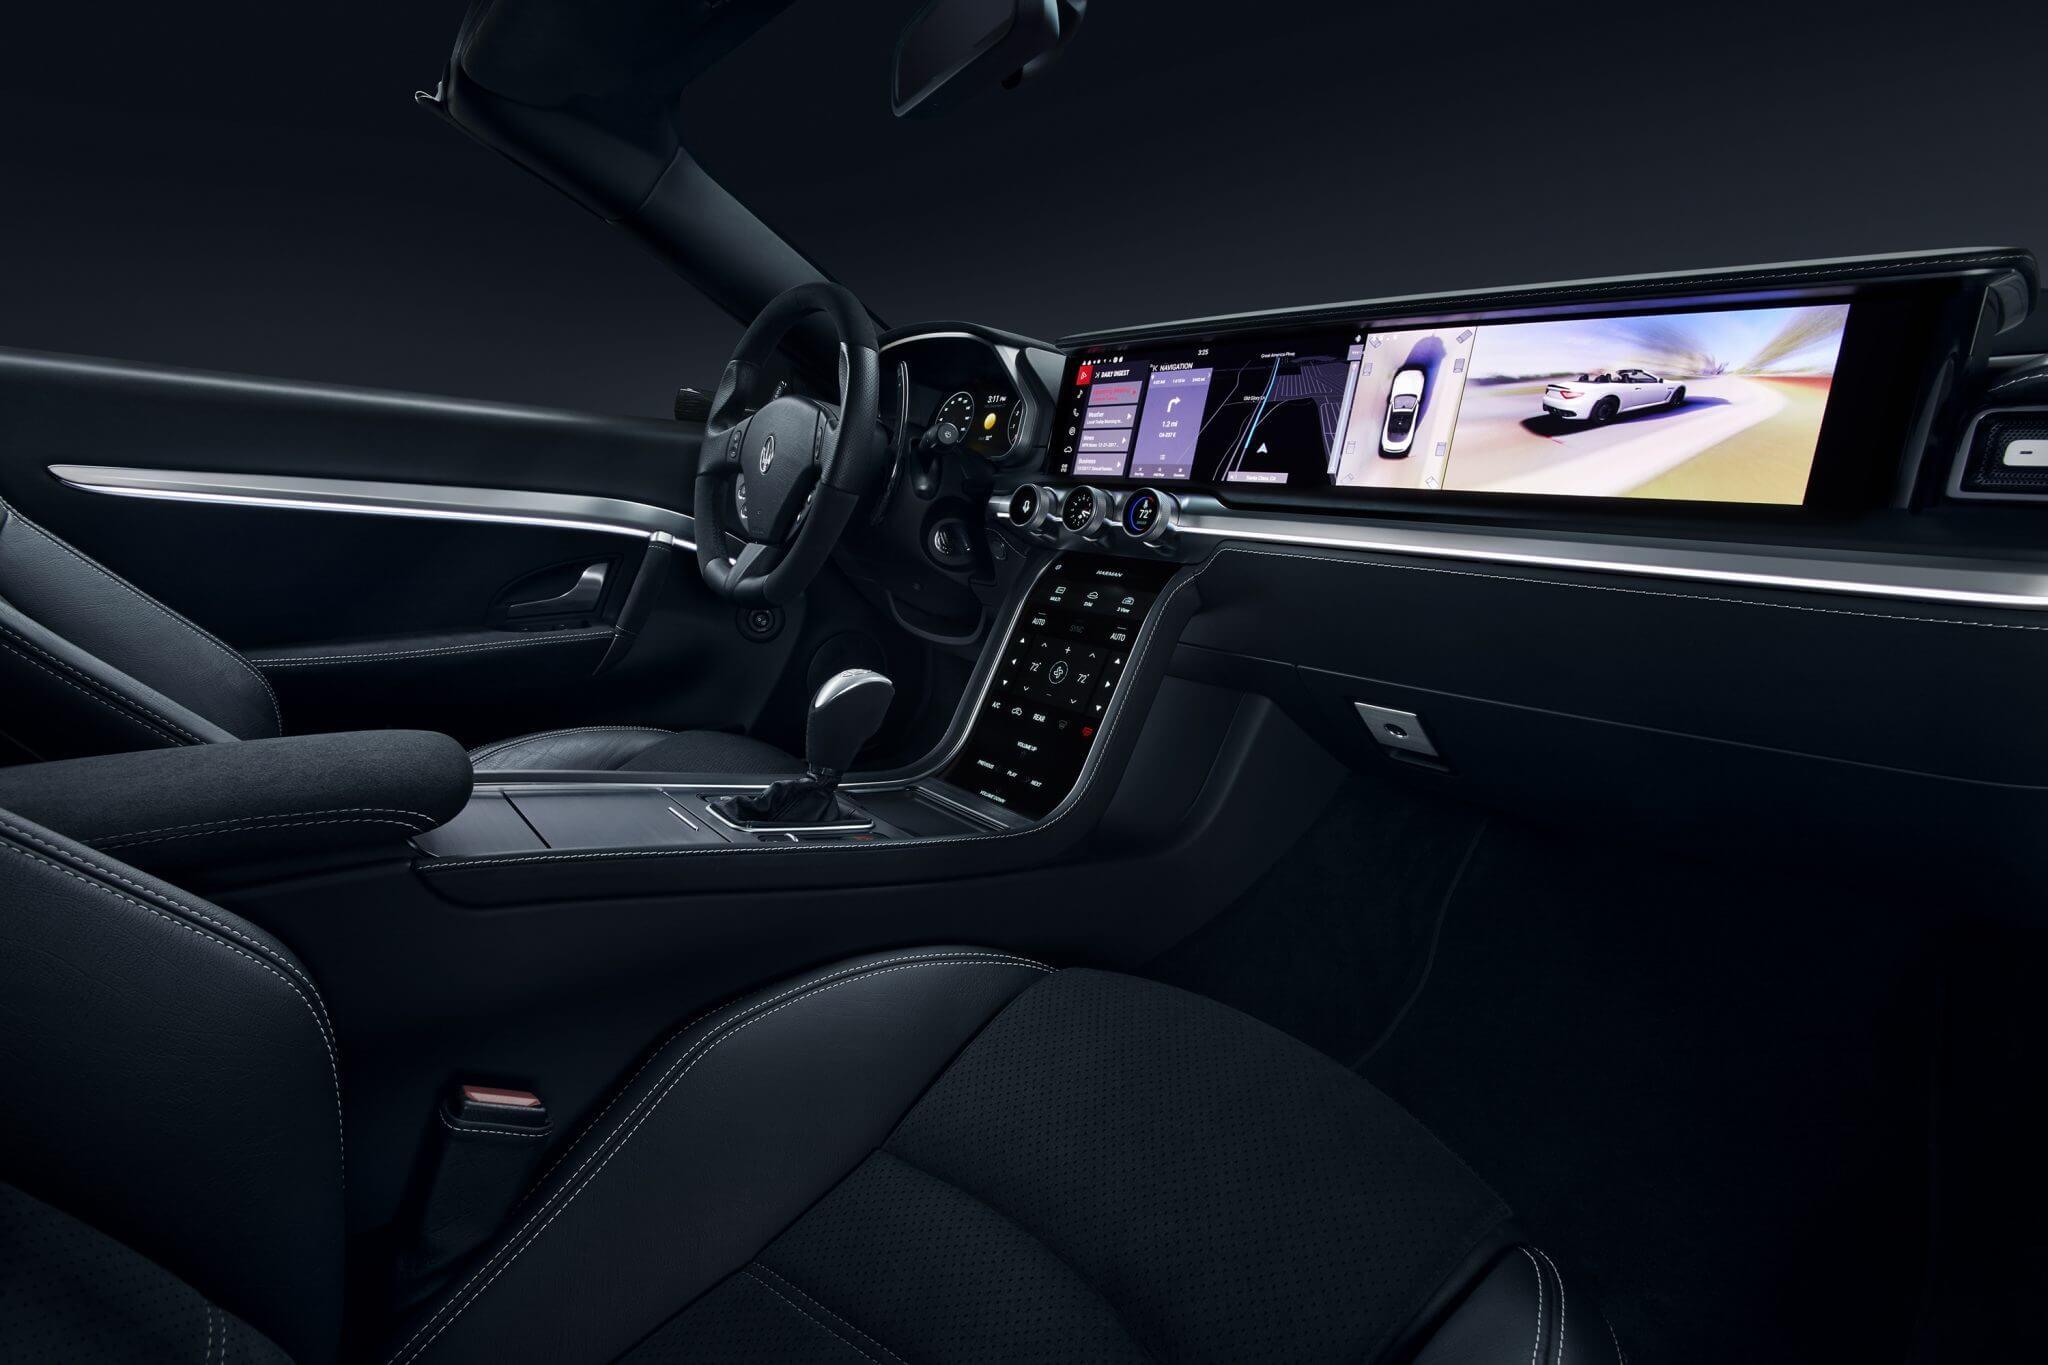 CES 2018: Samsung revela um painel digital para carros inteligentes